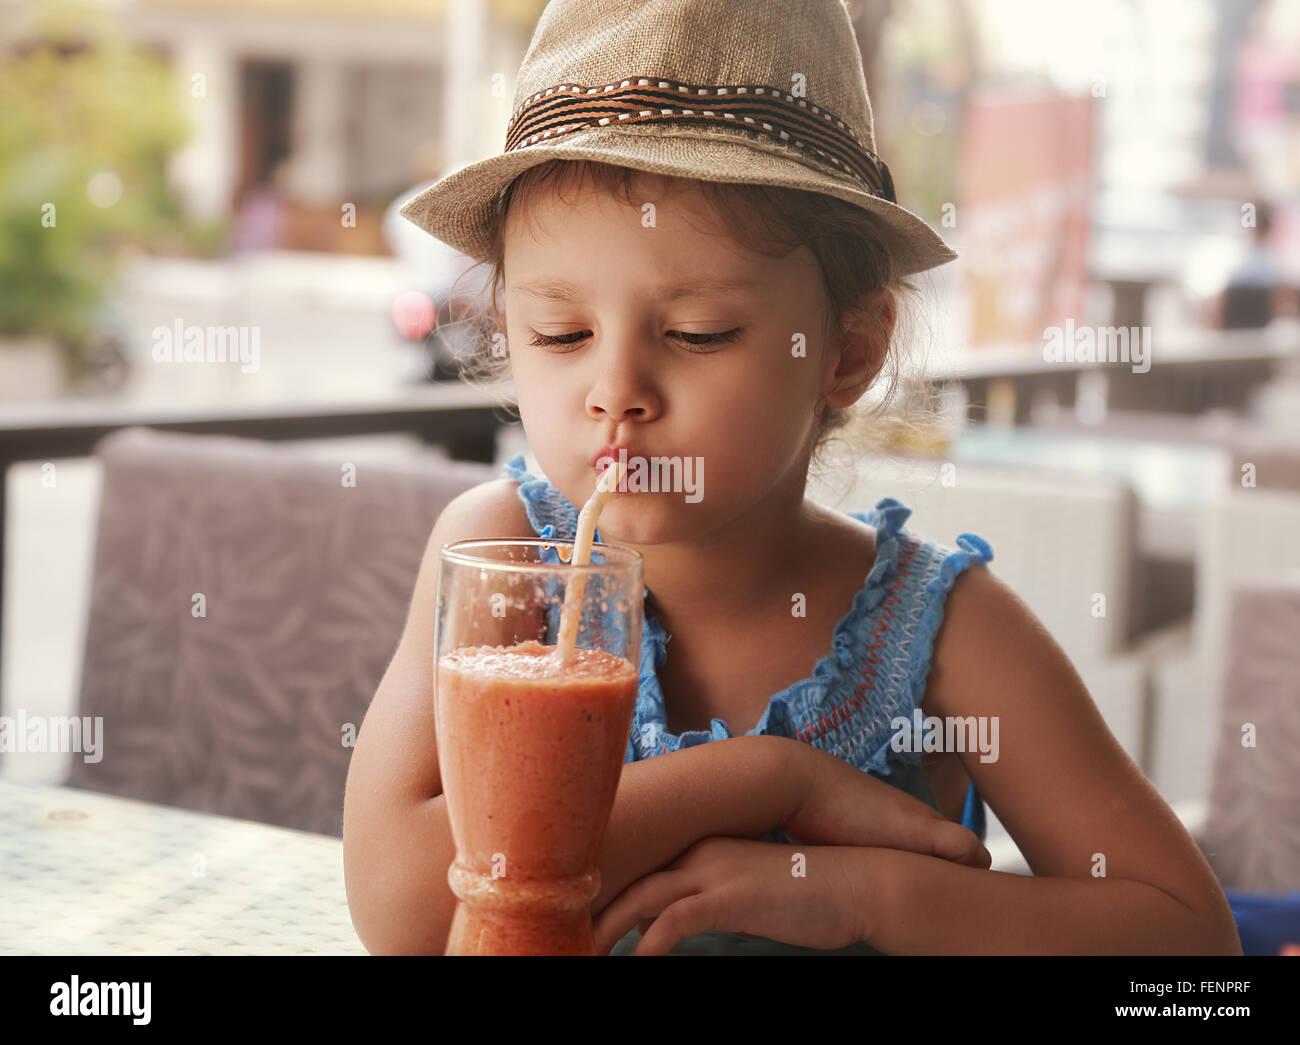 Diversão kid rapariga no hat sumo de smoothie potável vidro em Street Café City Imagens de Stock